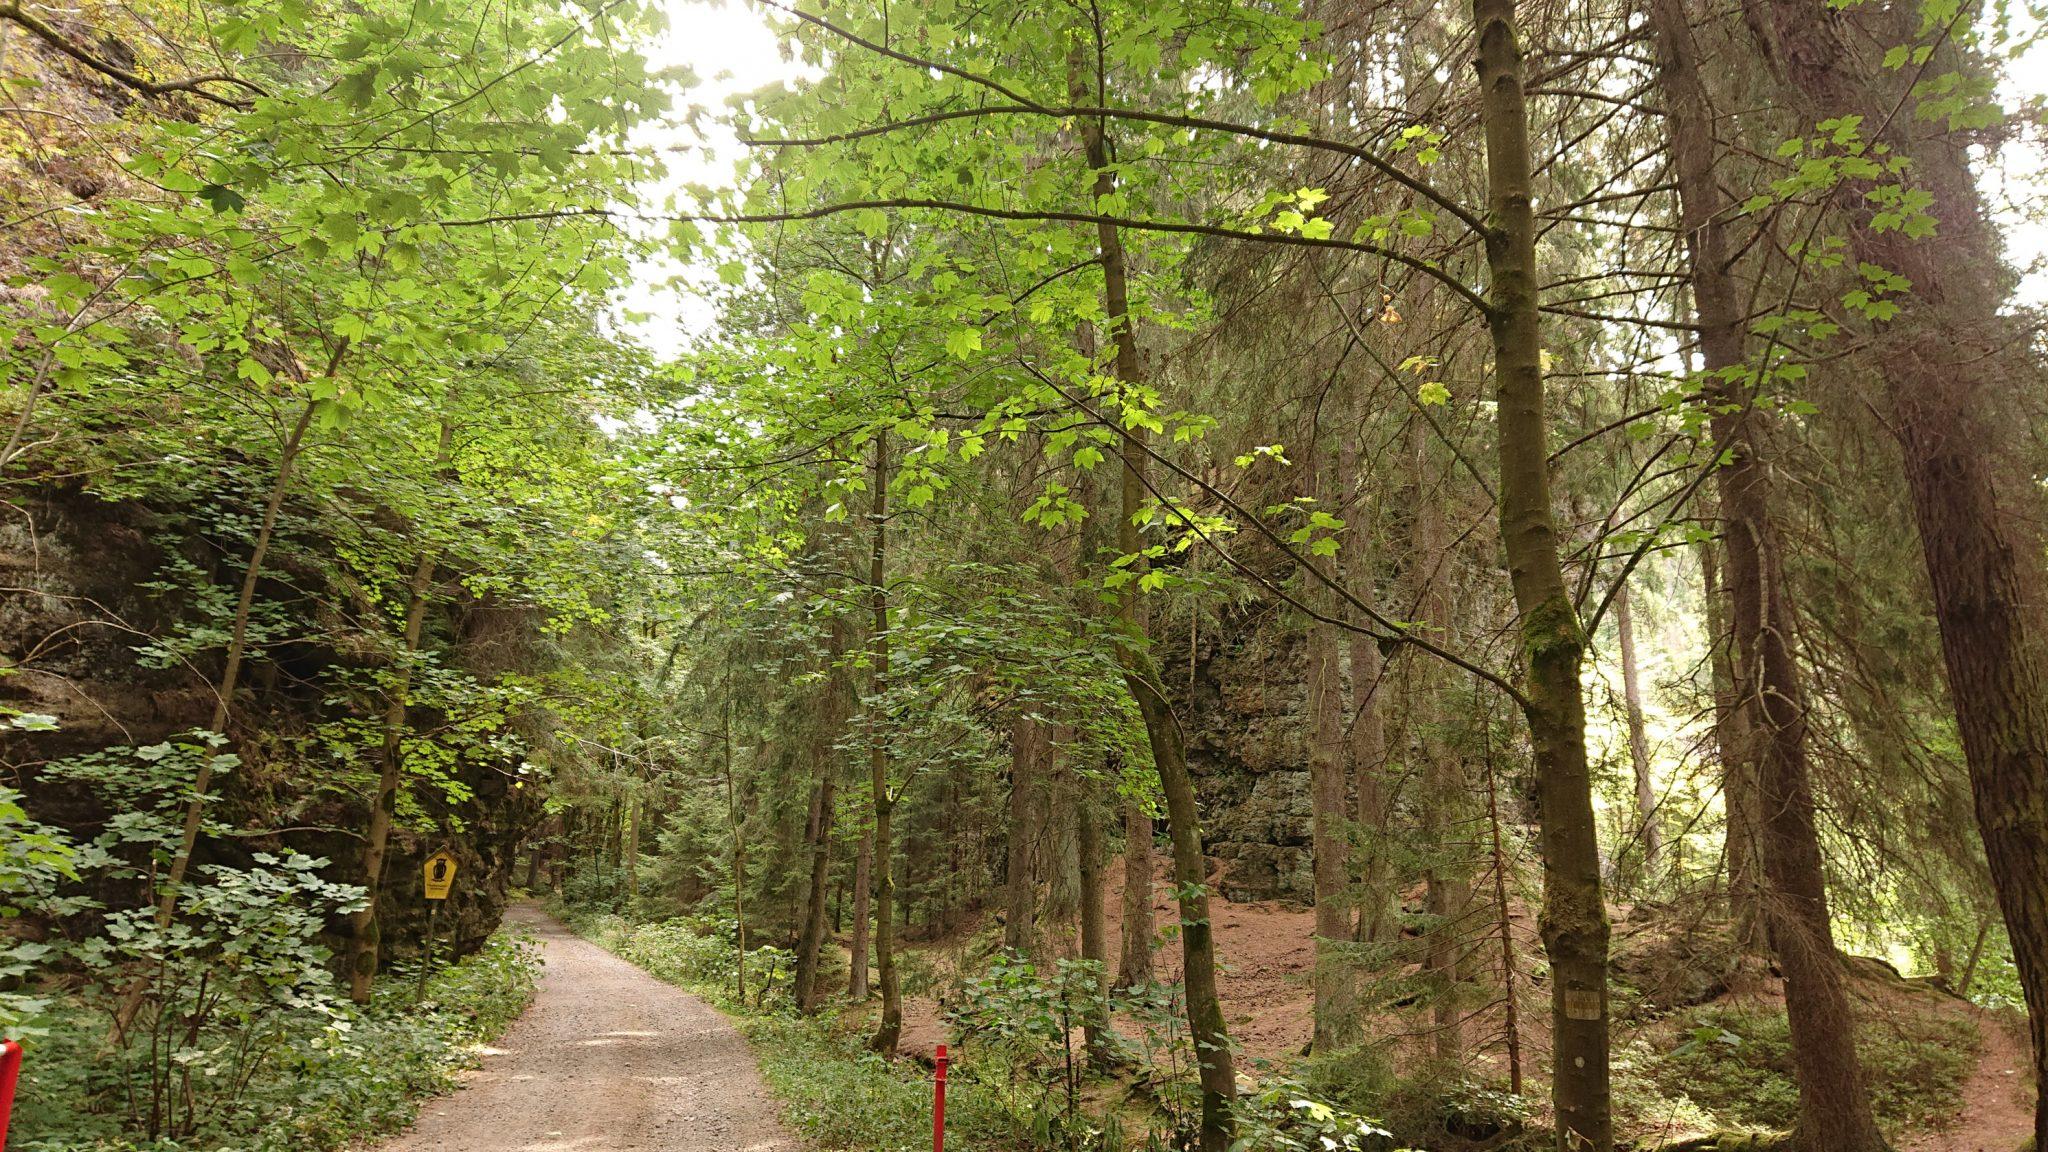 Marderschlucht wandern bei Tambach-Dietharz, schöner Wanderweg durch Wald entlang Marderbach und Tal